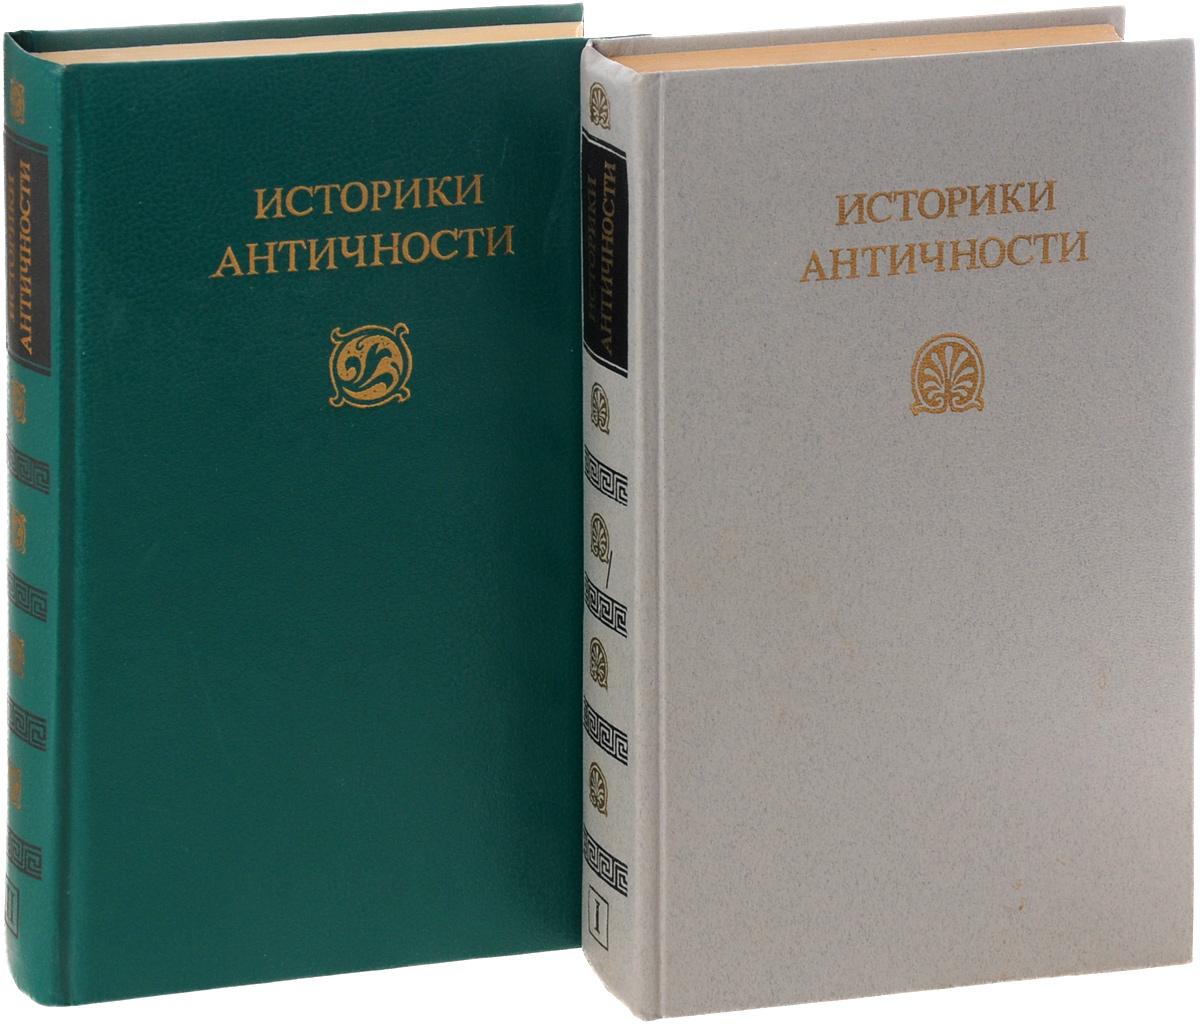 Историки античности (комплект из 2 книг)